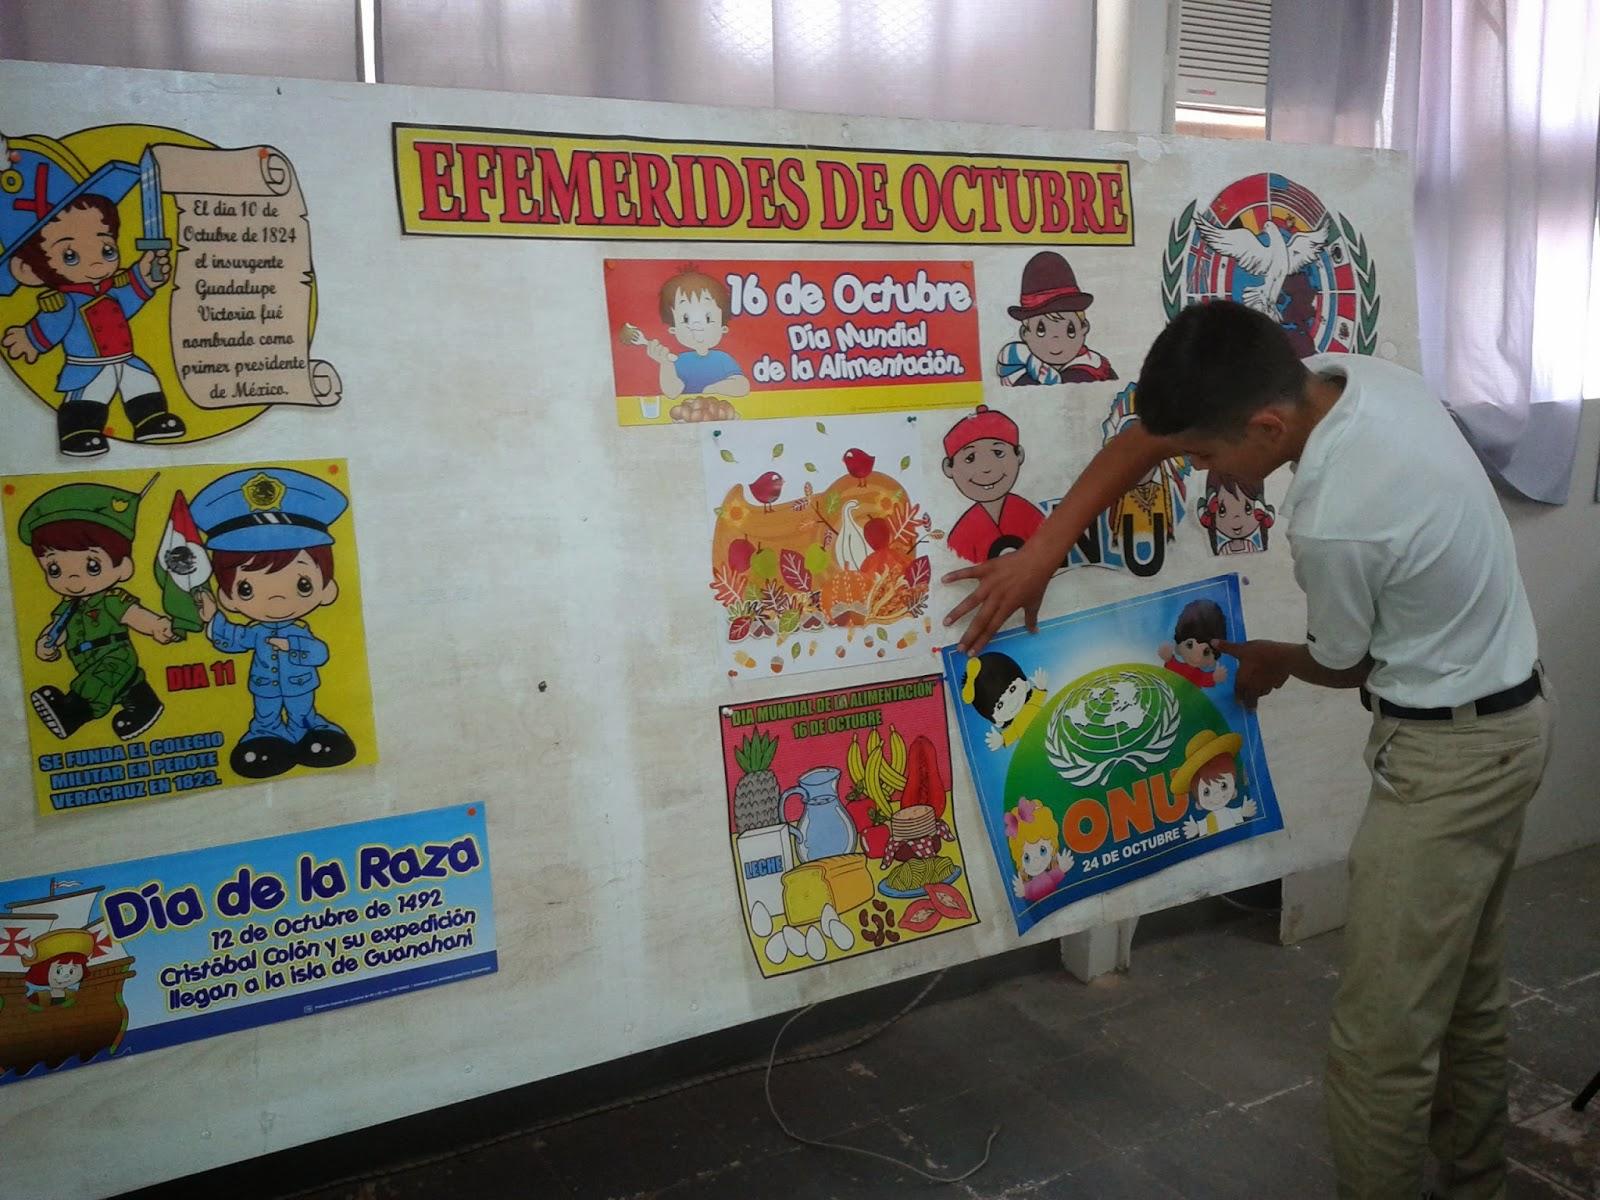 T cnica 44 periodico mural del mes de octubre for Contenido del periodico mural